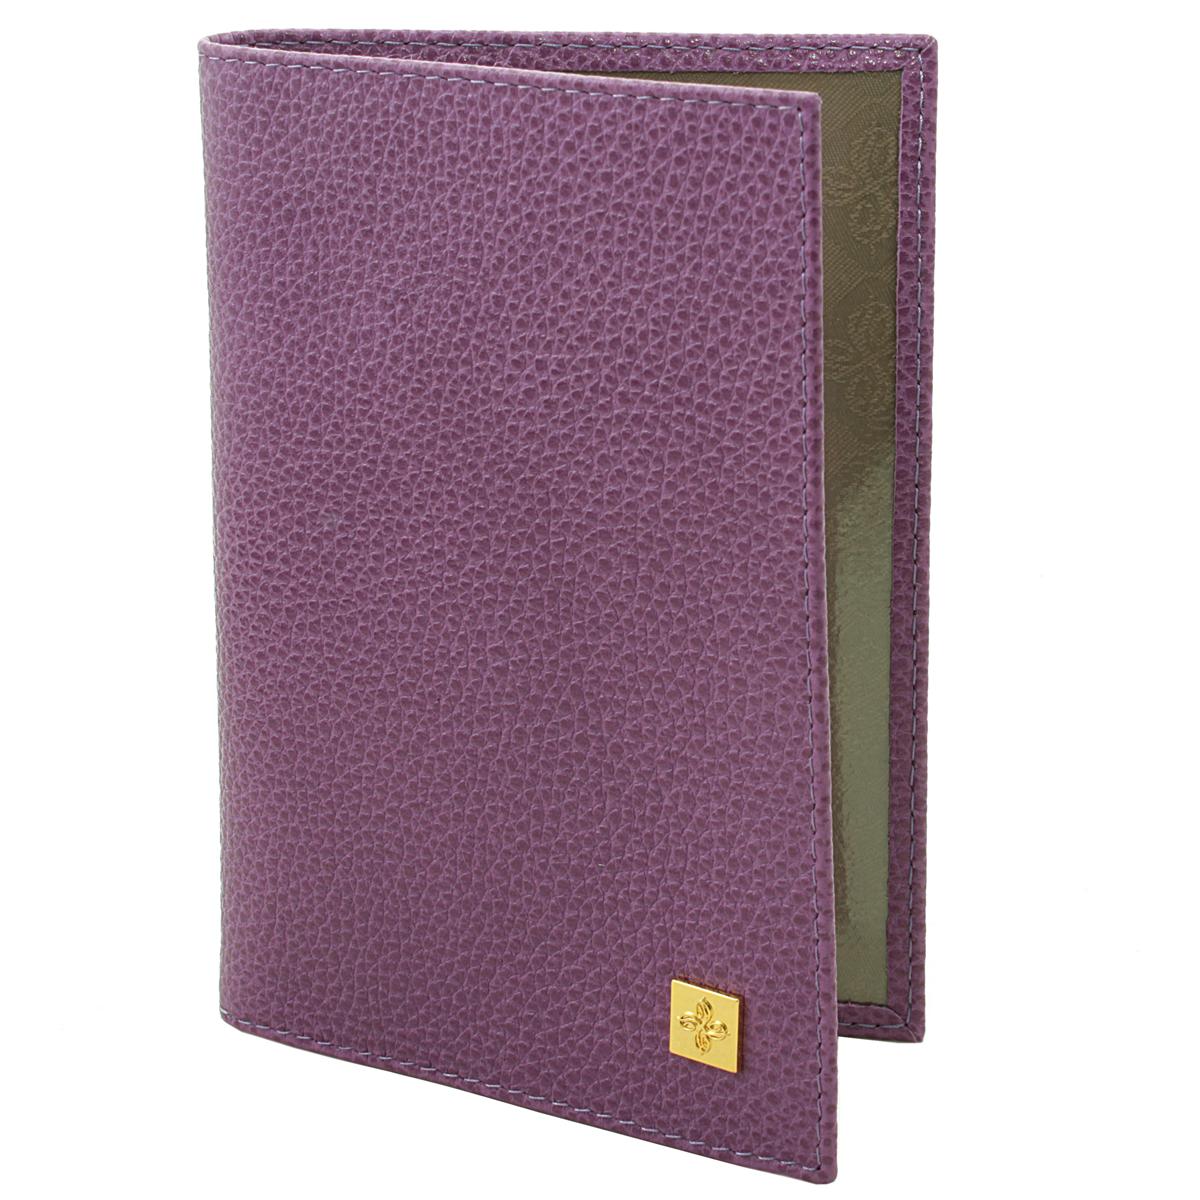 Обложка для паспорта женская Dimanche Purpur, цвет: пурпурный. 100BM8434-58AEОбложка для паспорта Purpur выполнена из натуральной кожи с фактурным тиснением. На внутреннем развороте расположено два вертикальных кармана из прозрачного пластика.Обложка не только поможет сохранить внешний вид ваших документов и защитит их от повреждений, но и станет ярким аксессуаром, который подчеркнет ваш образ. Обложка упакована в фирменную картонную коробку. Характеристики:Материал: натуральная кожа, текстиль, ПВХ. Размер обложки: 9,5 см х 13,5 см х 1,5 см. Цвет: пурпурный.